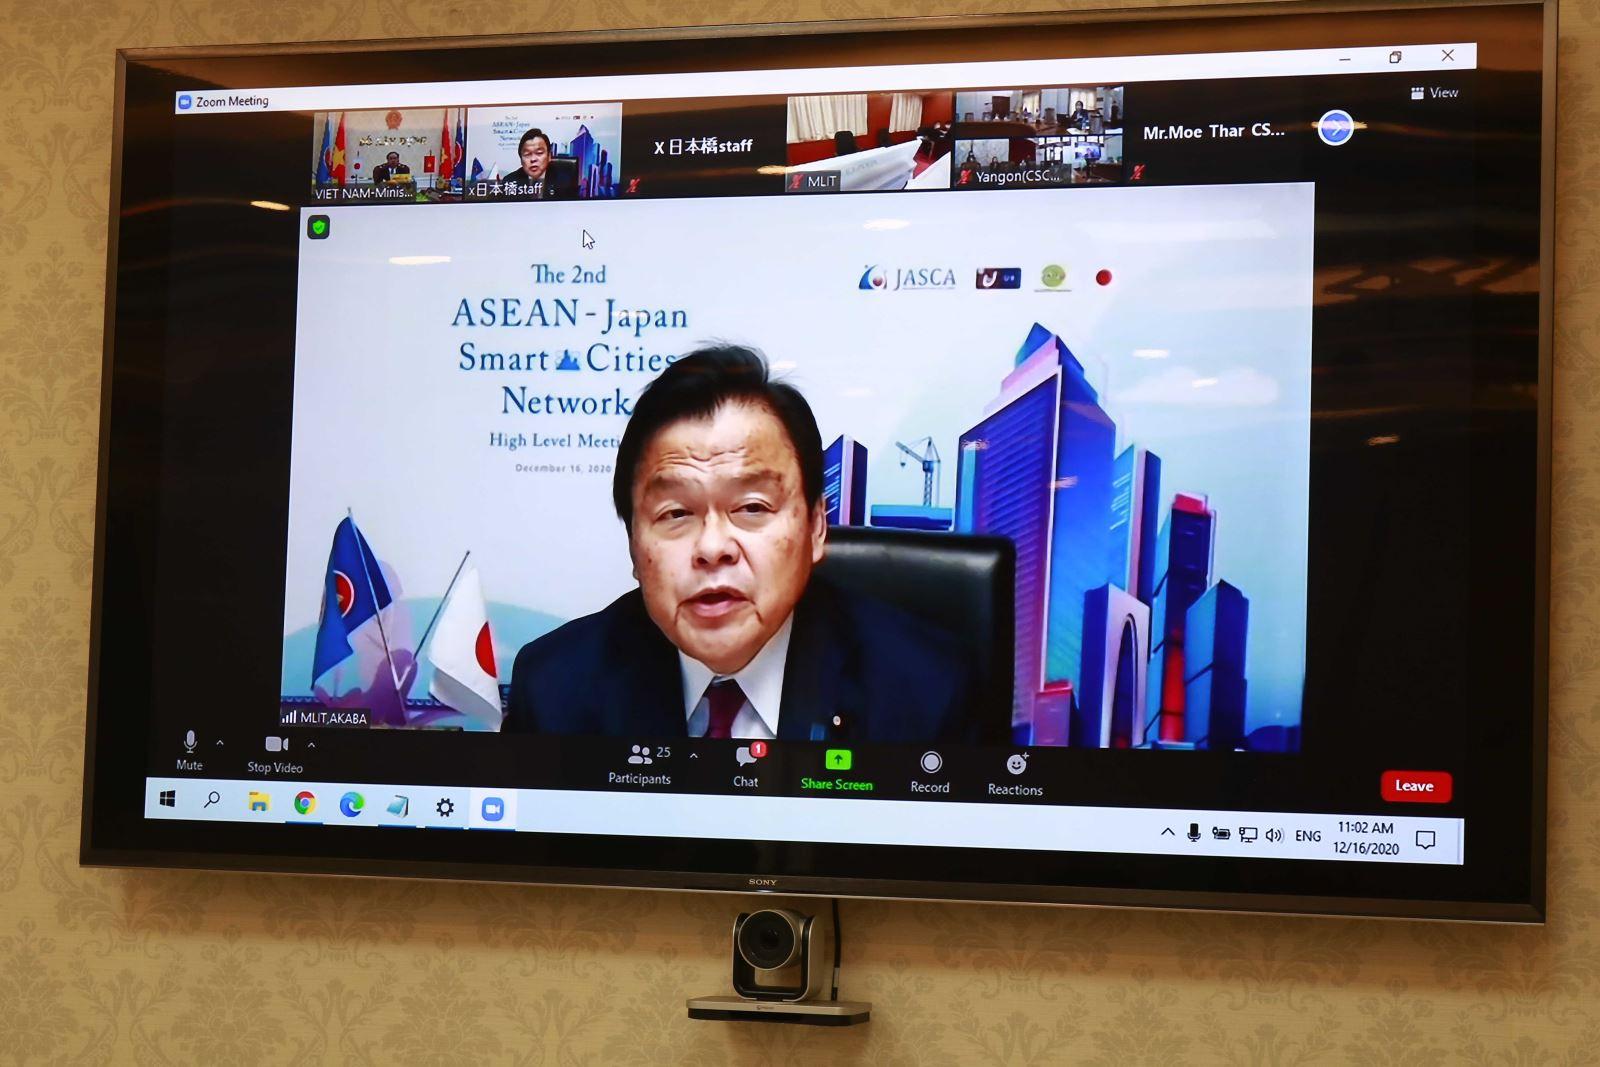 Bộ trưởng MLIT Nhật Bản Akaba Kazuyoshi phát biểu trực tuyến tại hội nghị